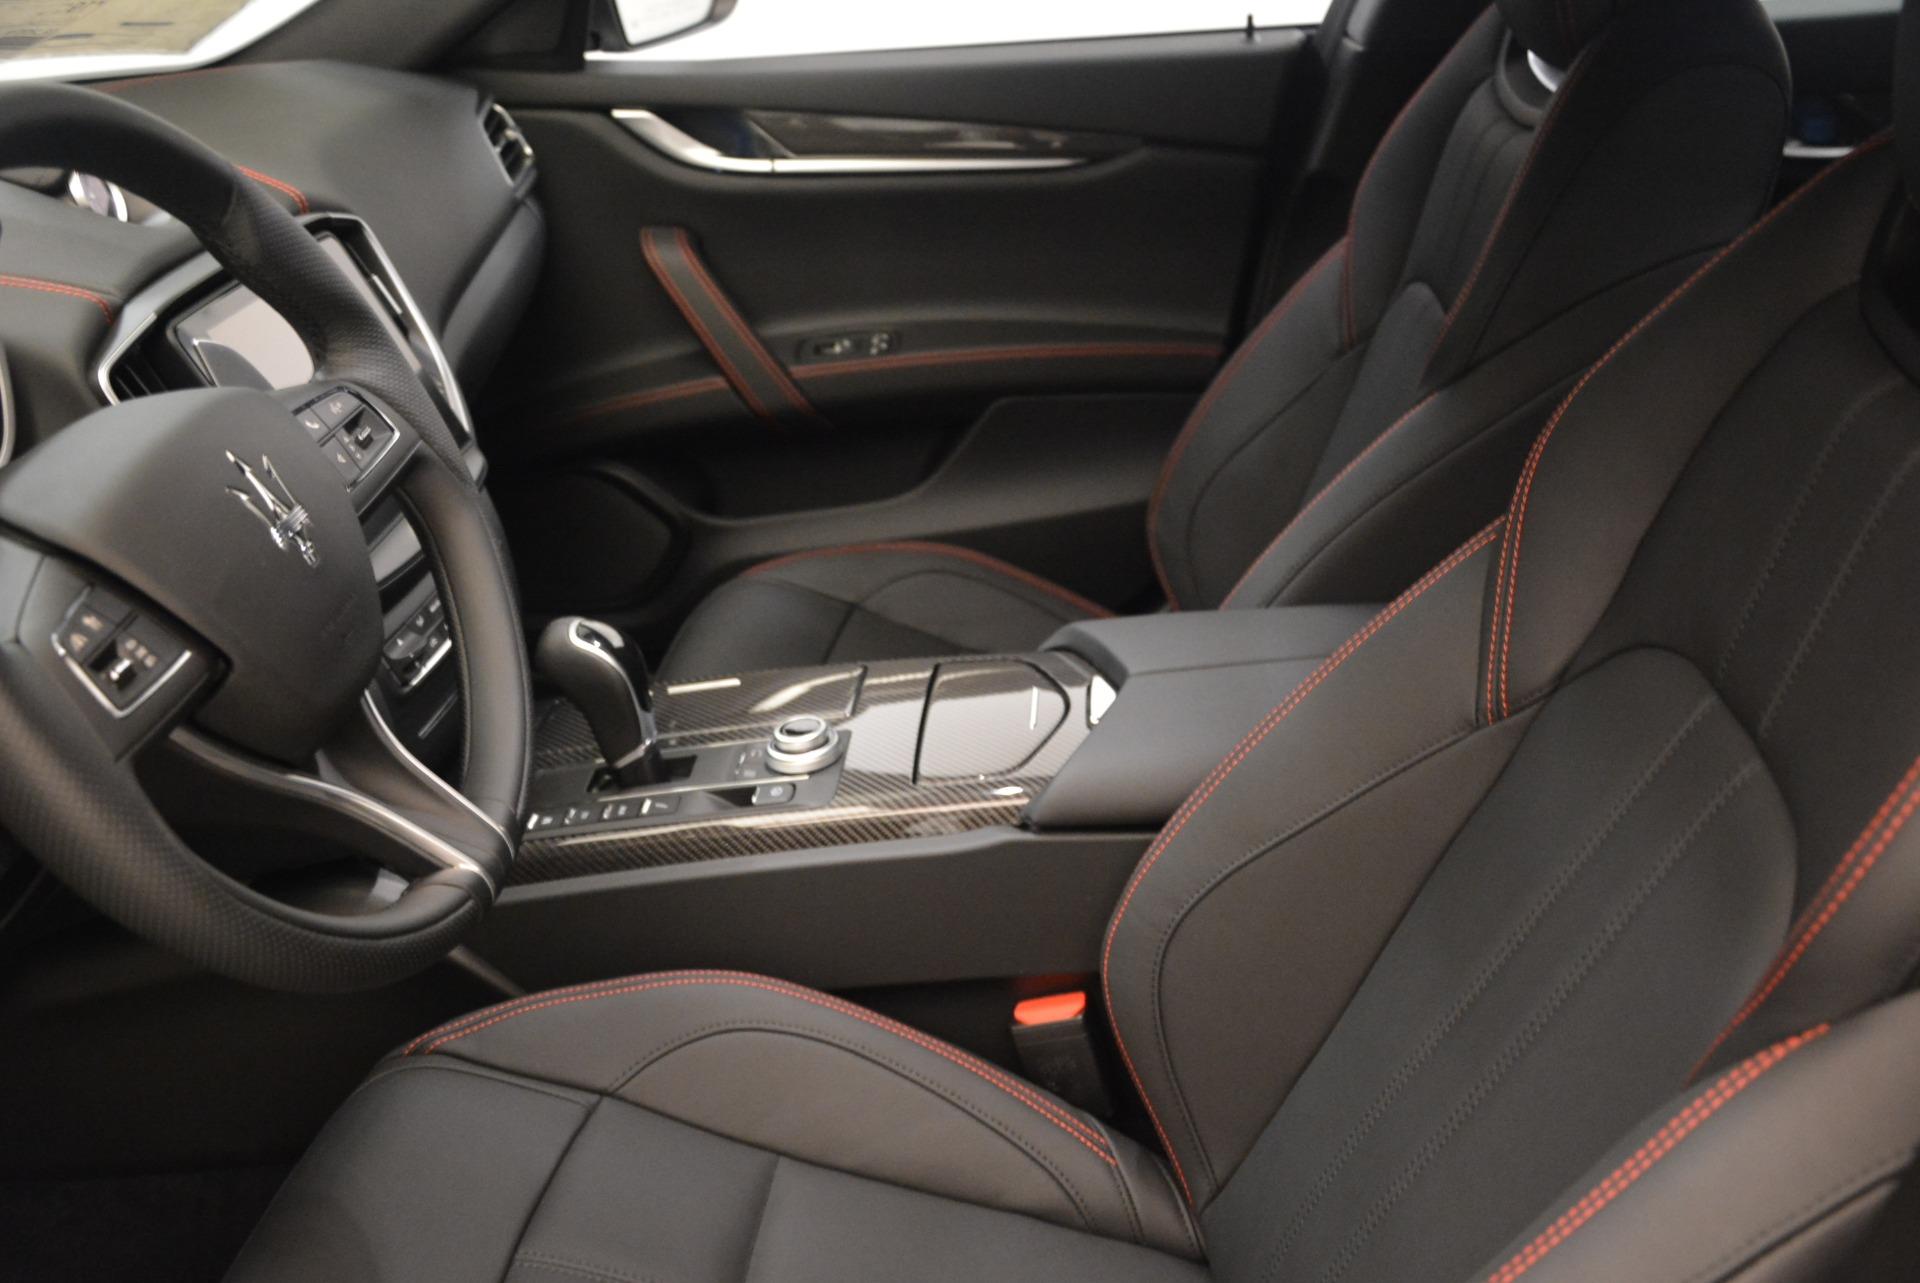 New 2018 Maserati Ghibli SQ4 GranSport Nerissimo For Sale In Greenwich, CT. Alfa Romeo of Greenwich, M2173 2368_p14